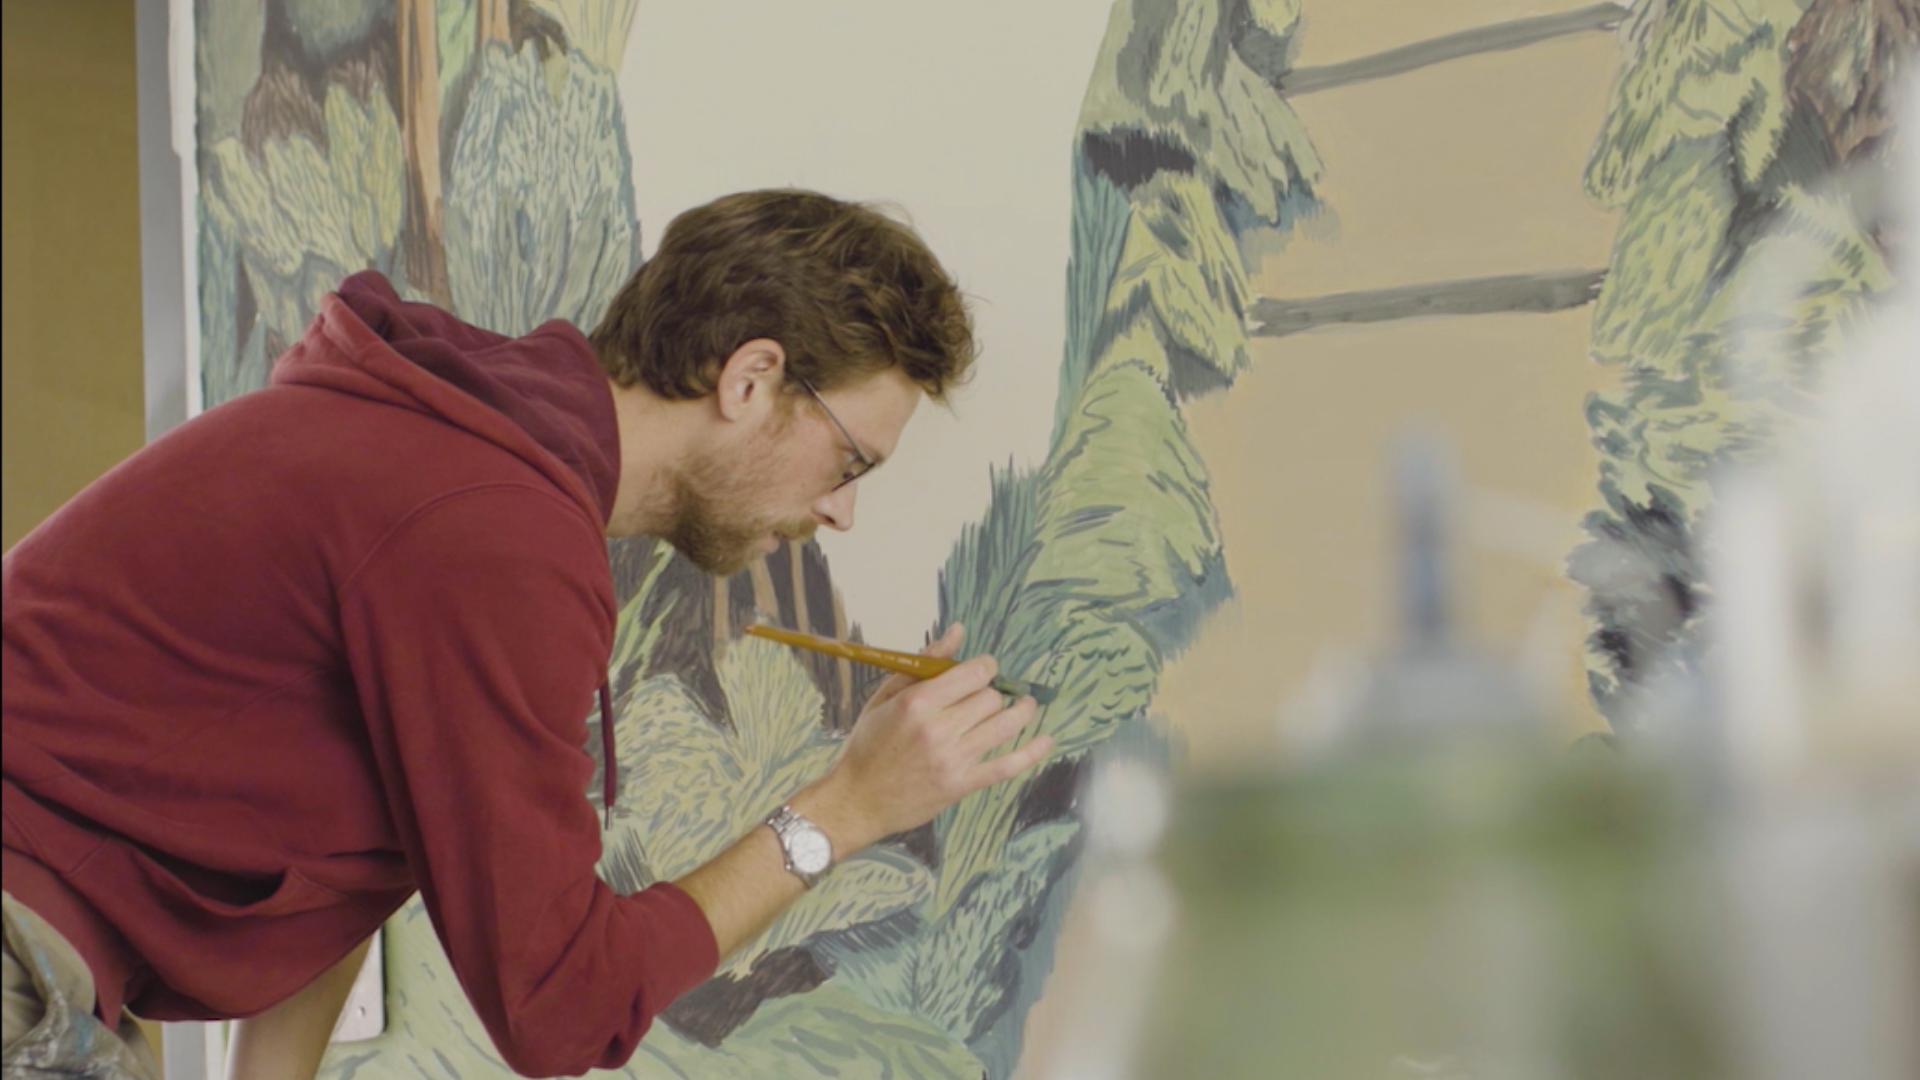 1 immeuble, 1 oeuvre : réalisation d'une fresque à Gentilly par Pierre Seinturier